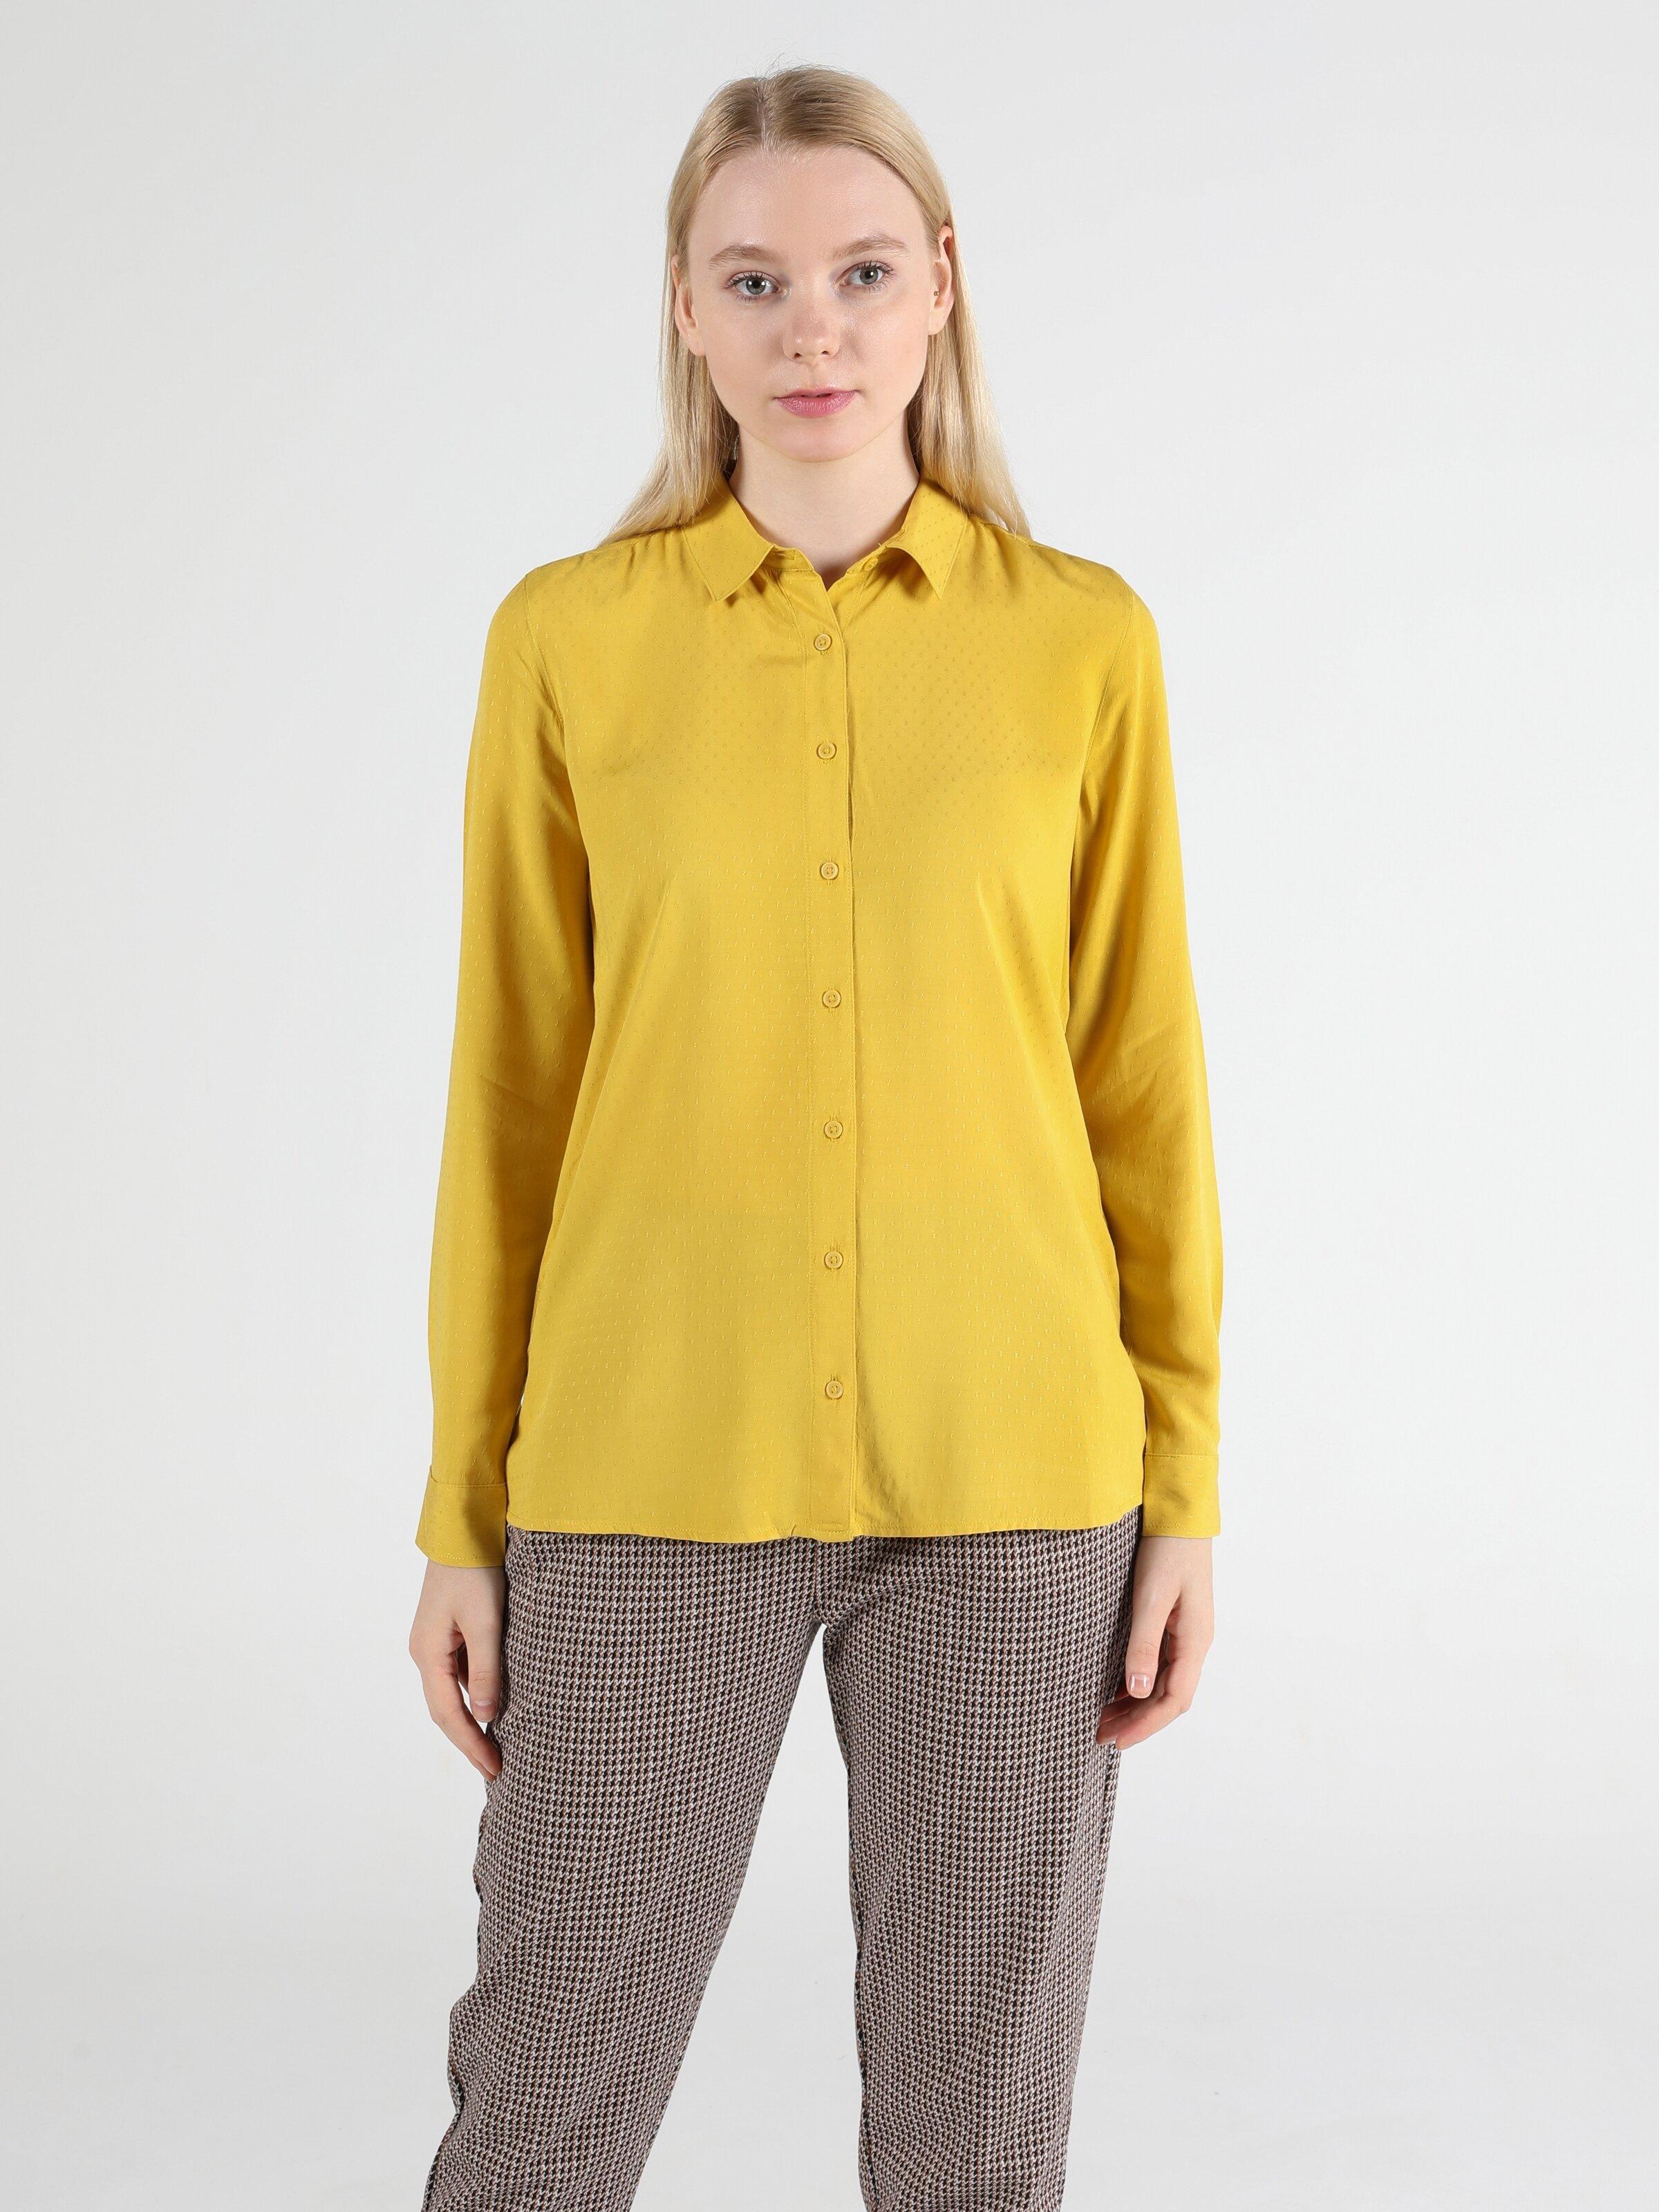 Slim Fit Shirt Neck Kadın Petrol Yeşili Uzun Kol Gömlek